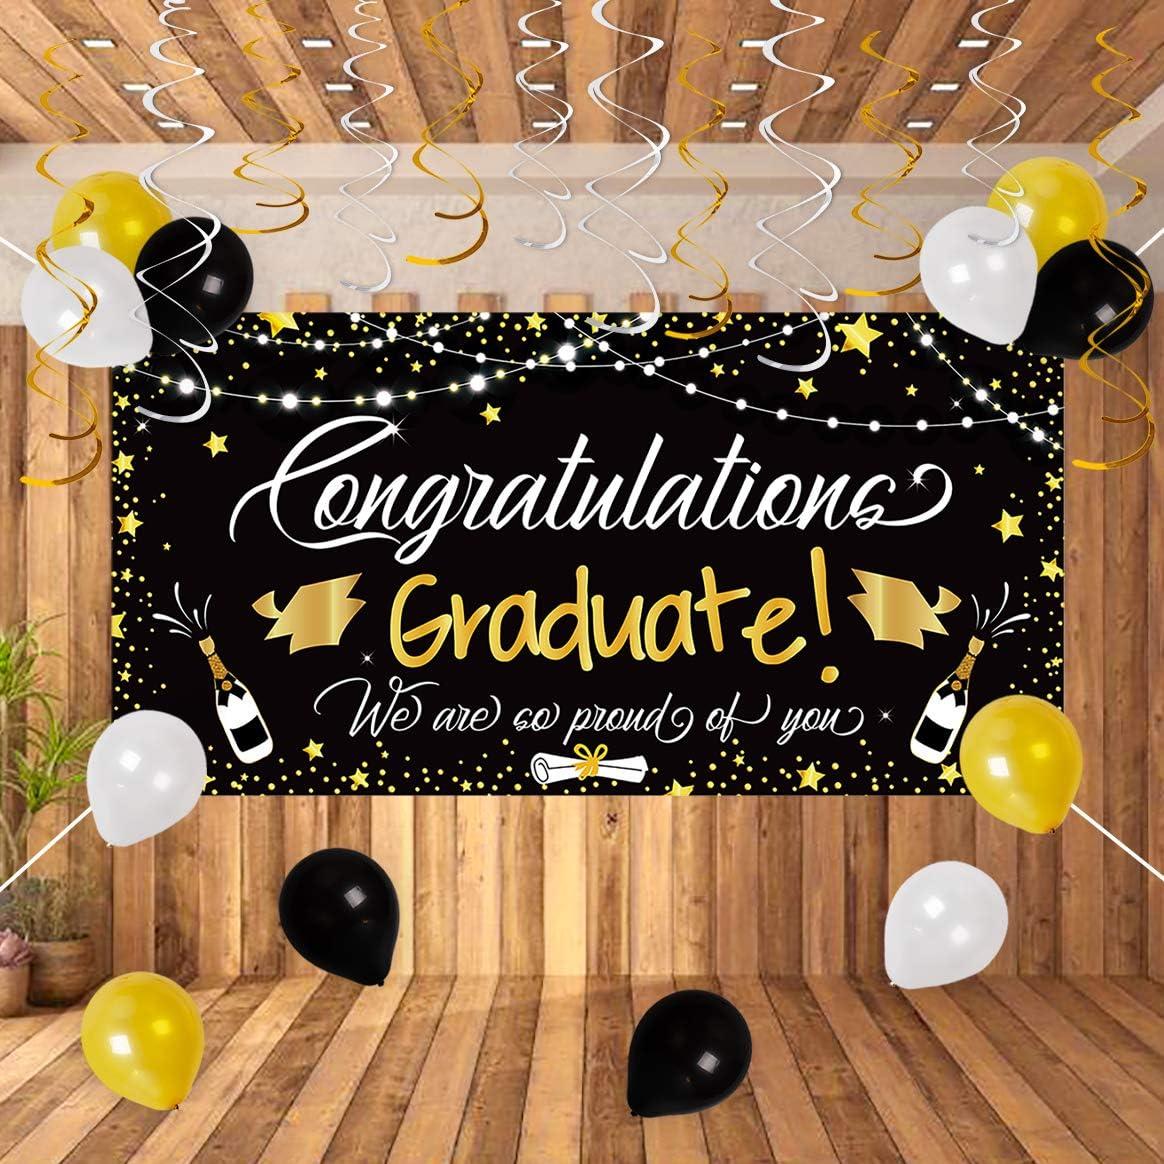 Graduation Party Decorations Graduation Party Sign Son, Graduation Signs